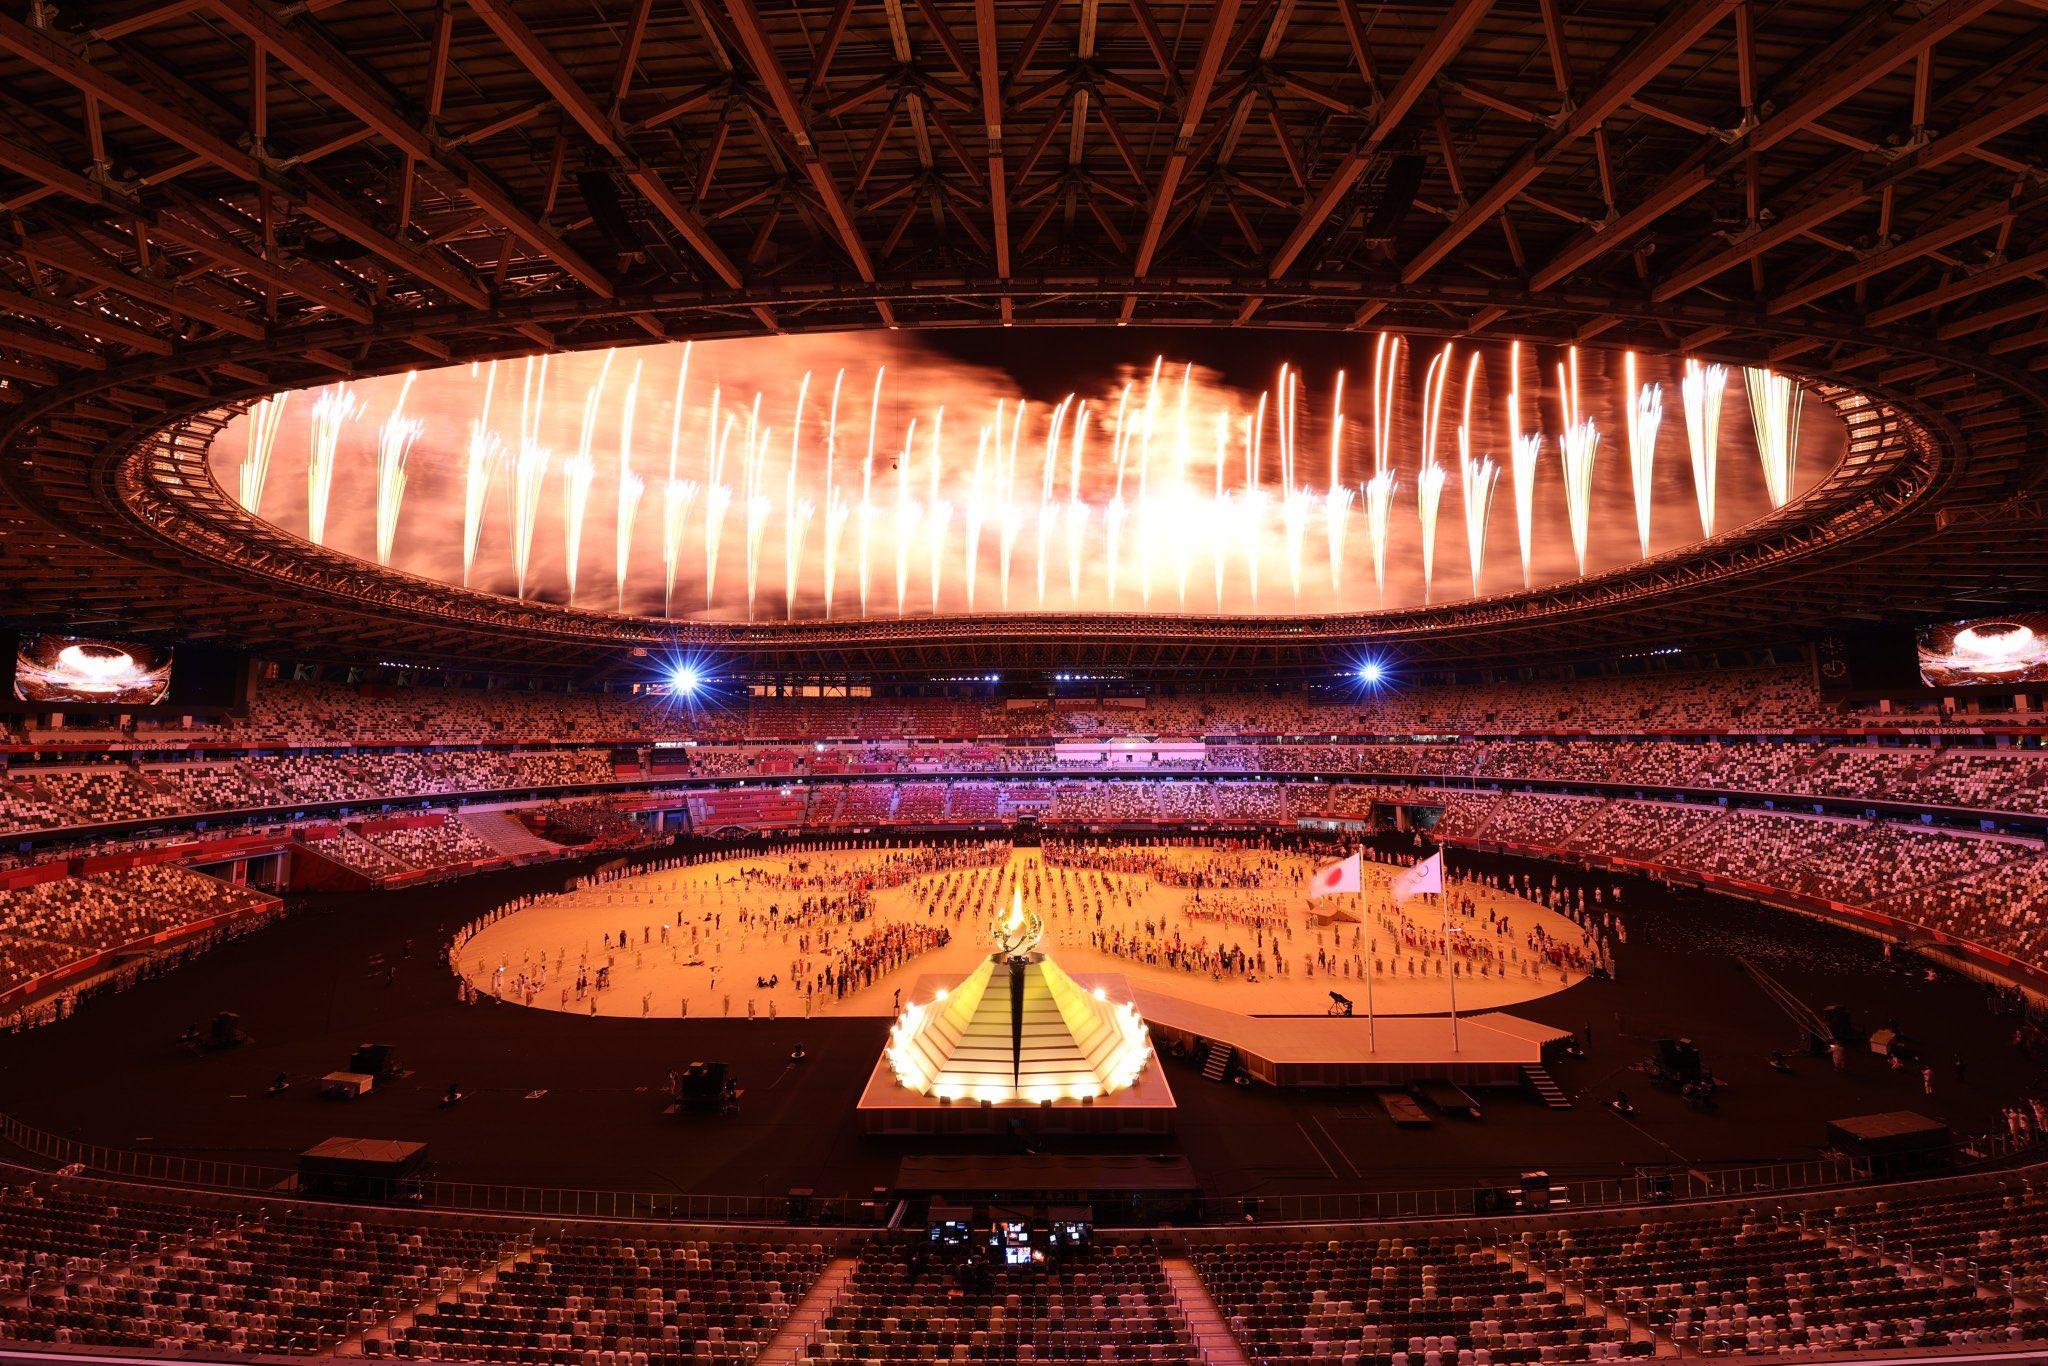 B'zとかつて共演したアーティストらが躍動した東京オリンピック開会式の会場・国立競技場